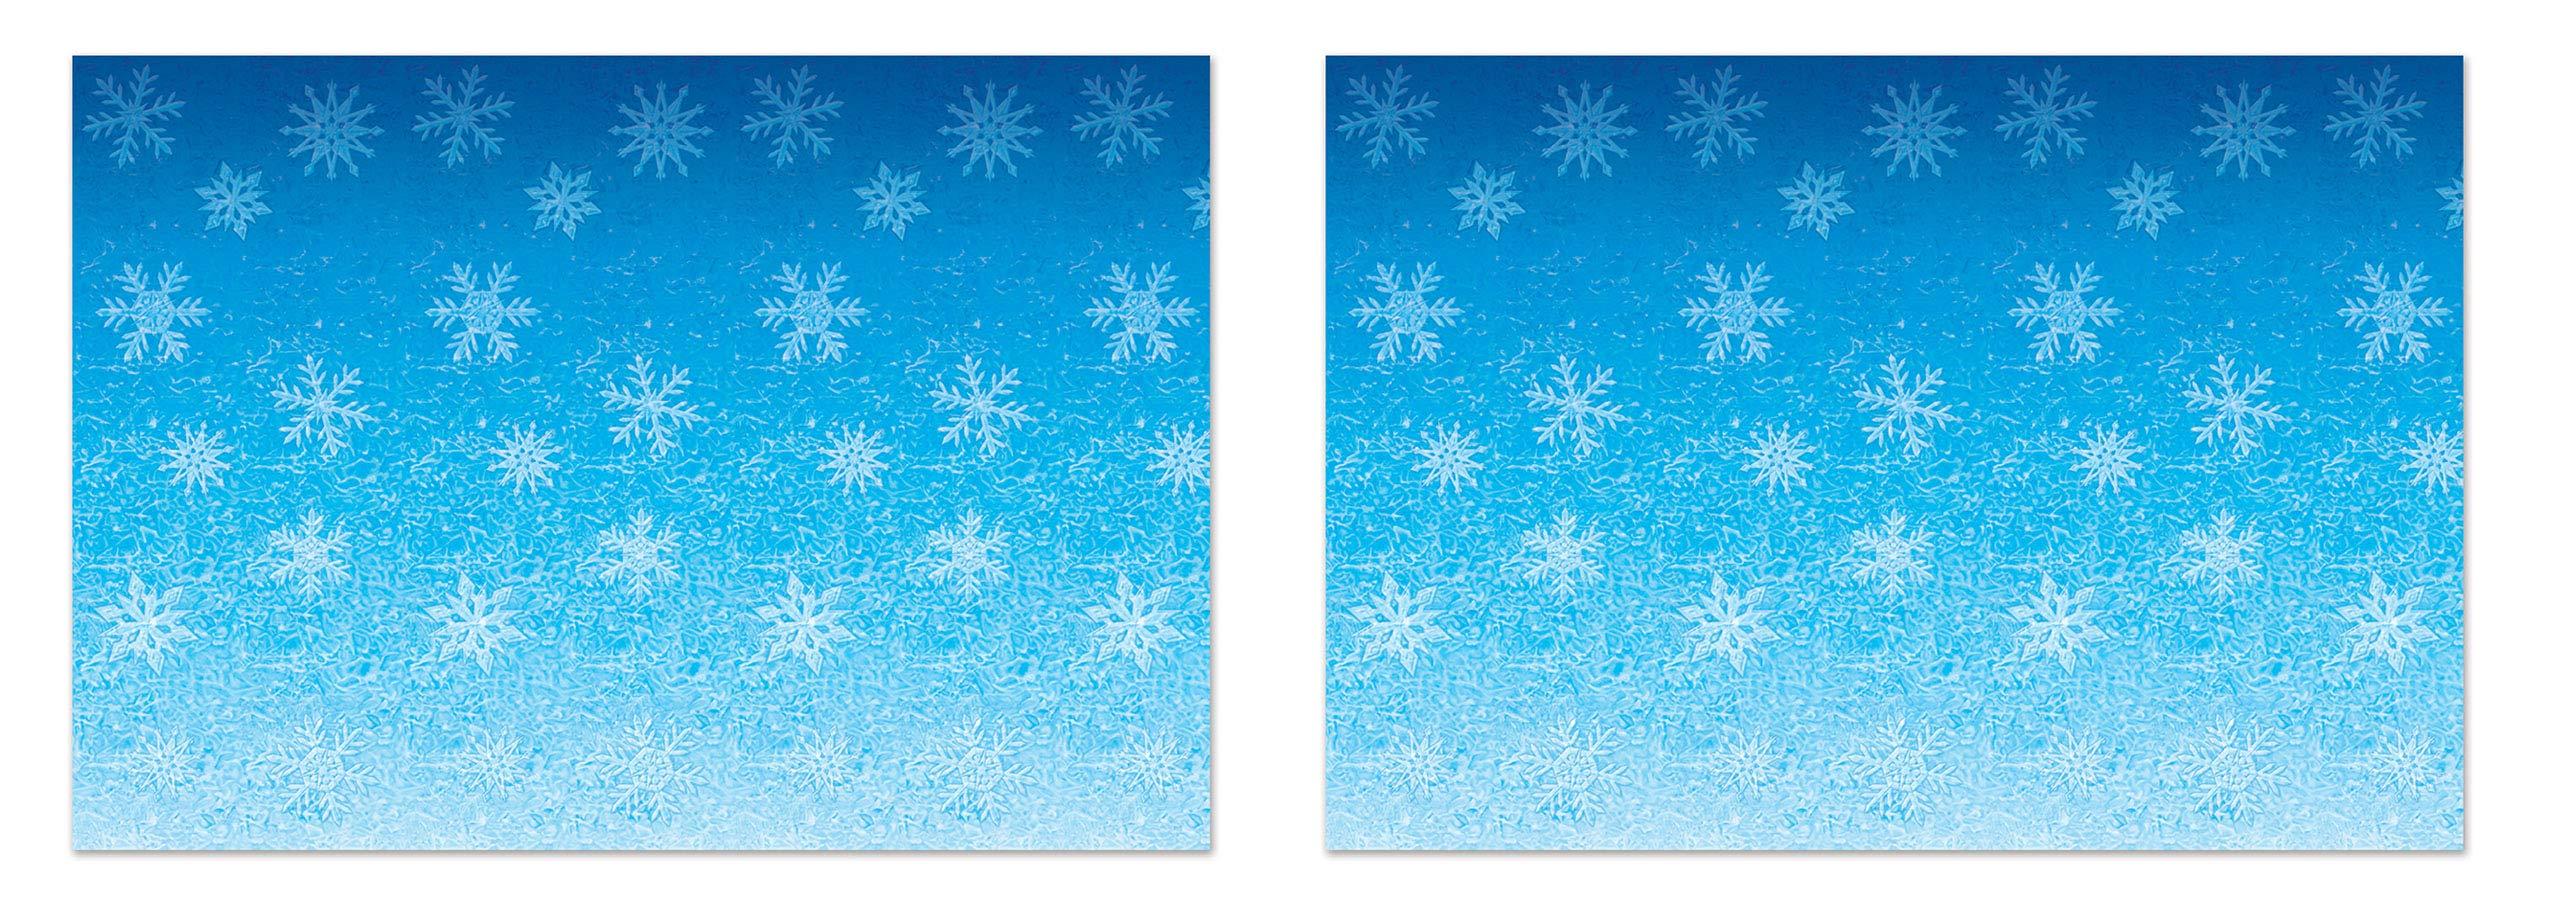 Beistle S20207AZ2 Snowflakes Backdrops 2 Piece, 4' x 30' Light Blue/White by Beistle